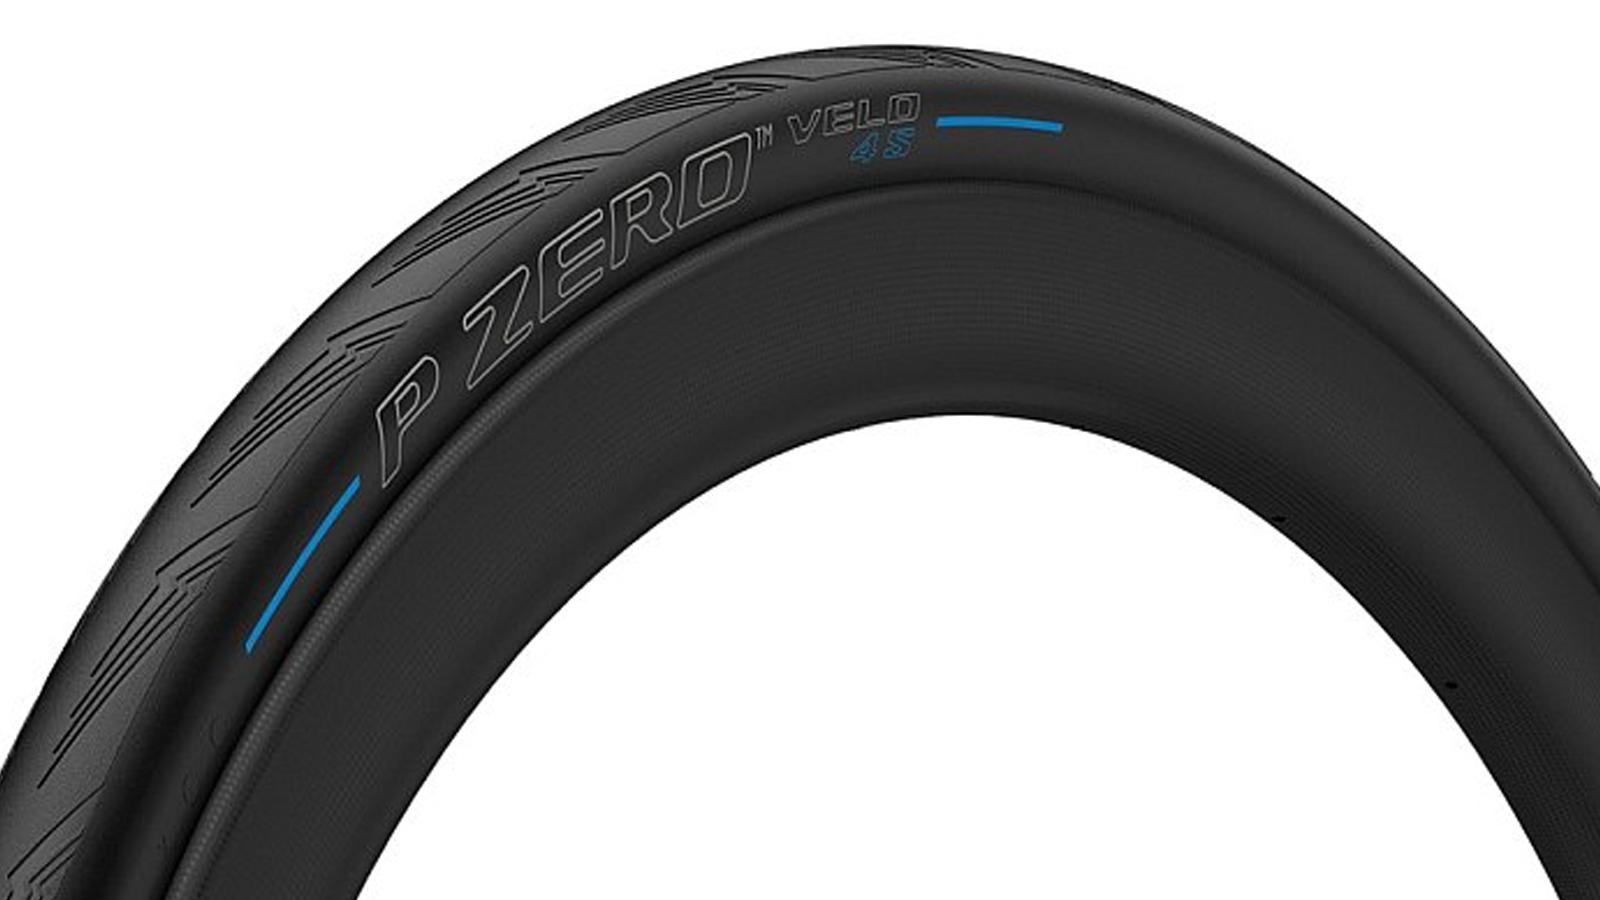 Best Road bike tyres: Pirelli P Zero Velo 4S